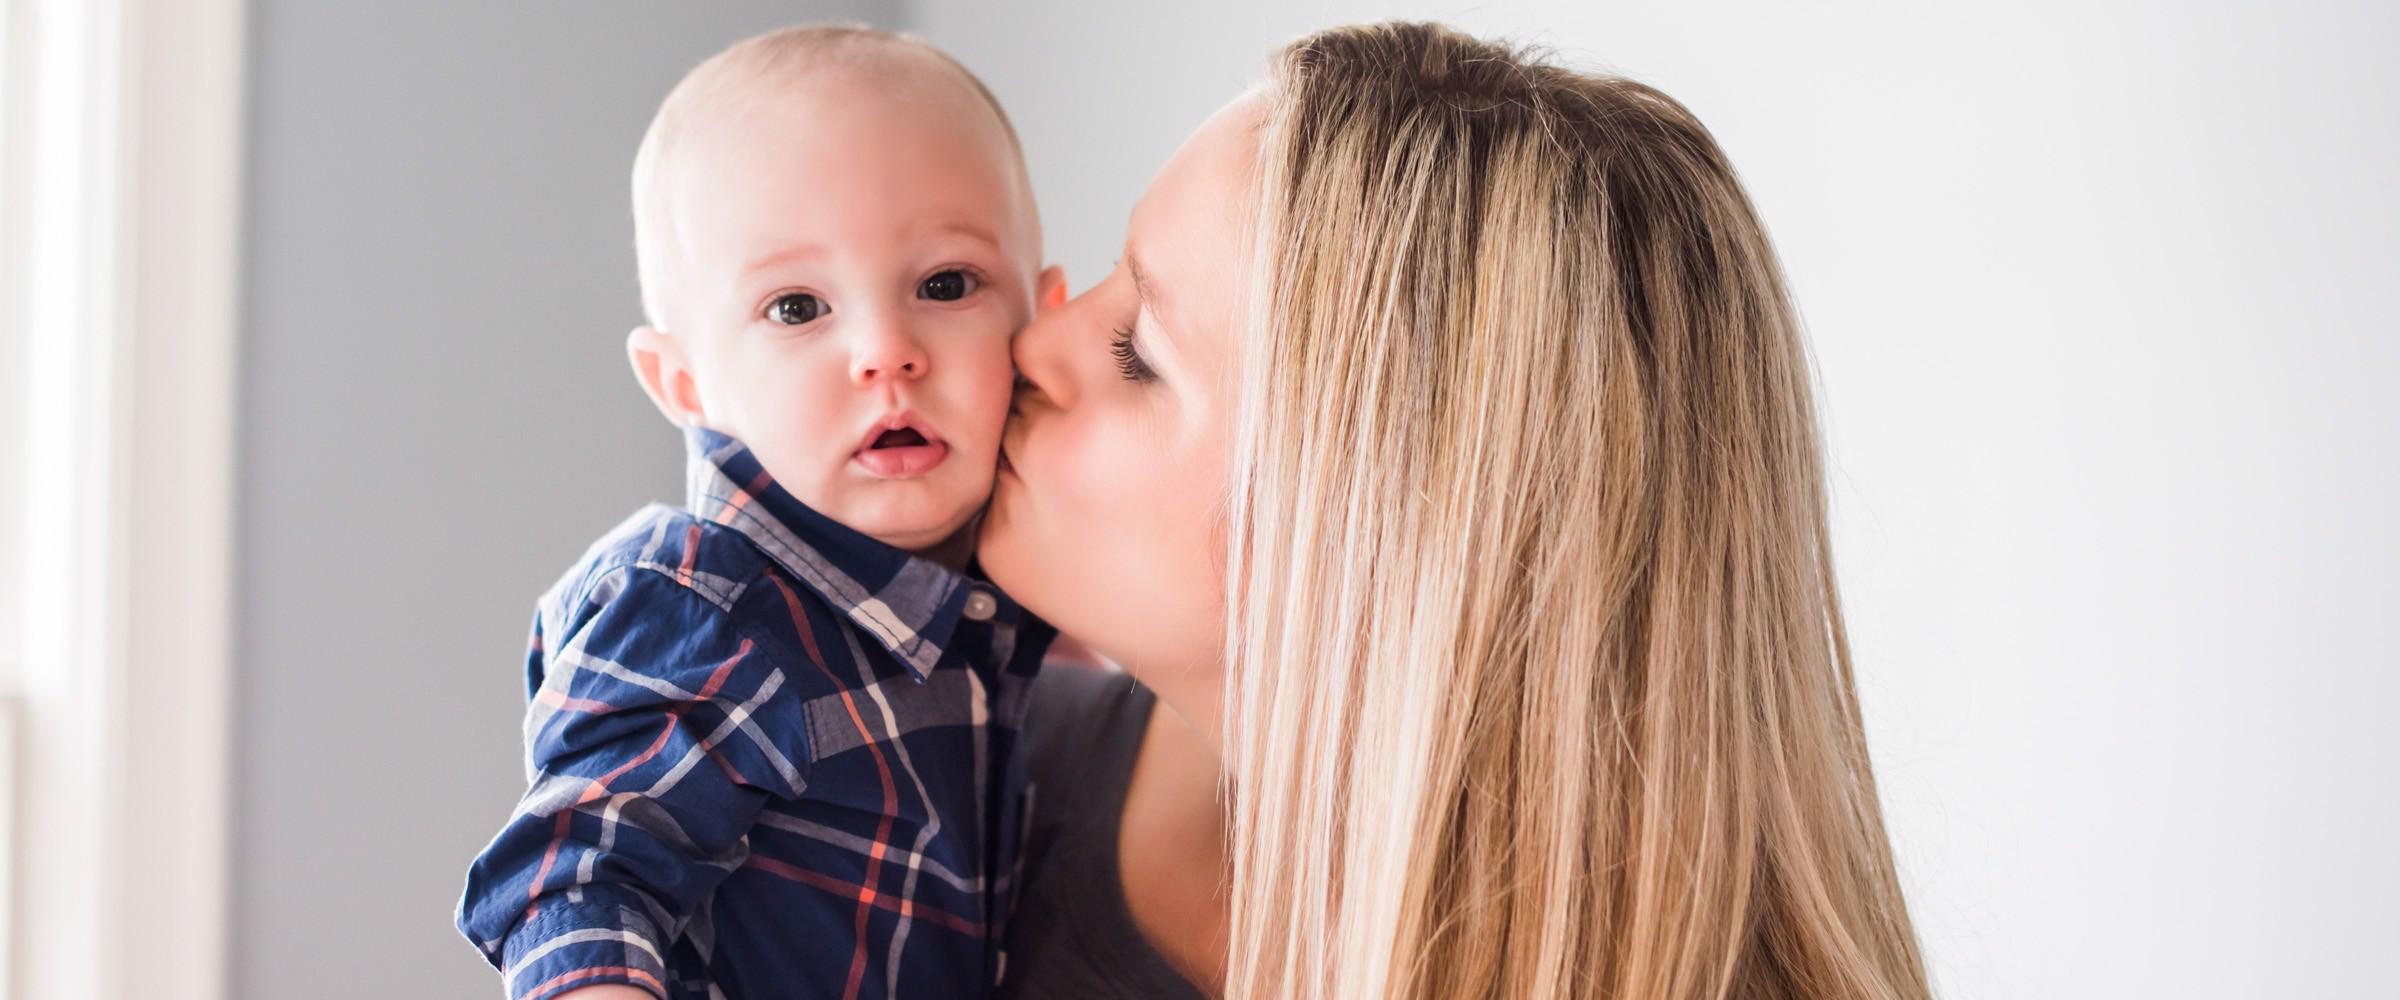 """""""Bland jer udenom"""" - Hvordan ændrer dit barn forholdet til dine forældre?"""